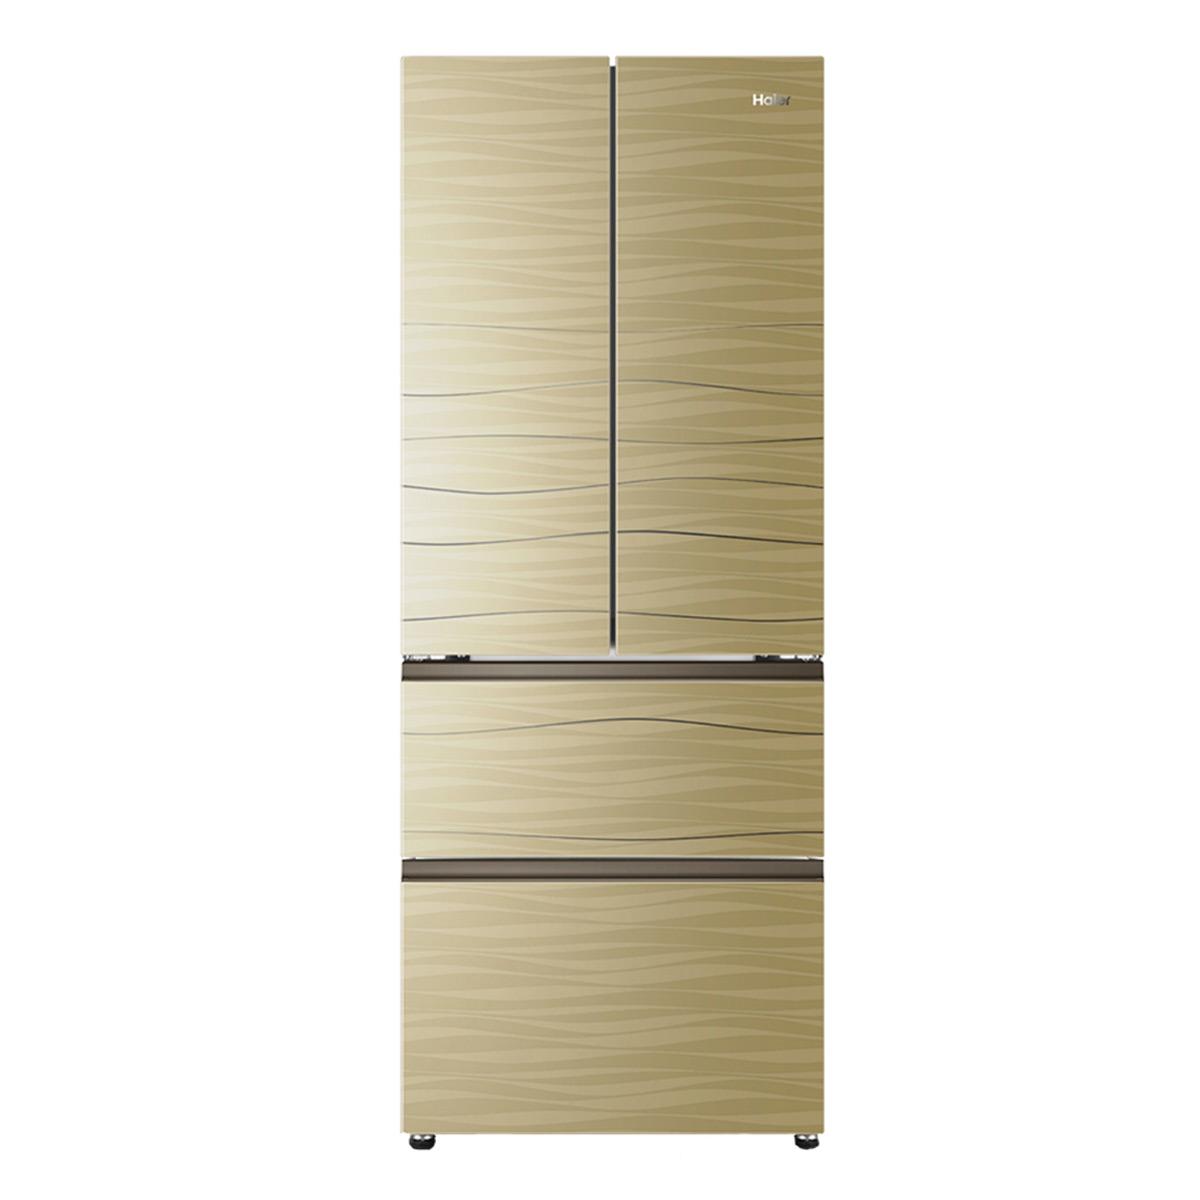 海尔Haier冰箱 BCD-378FDGN 说明书